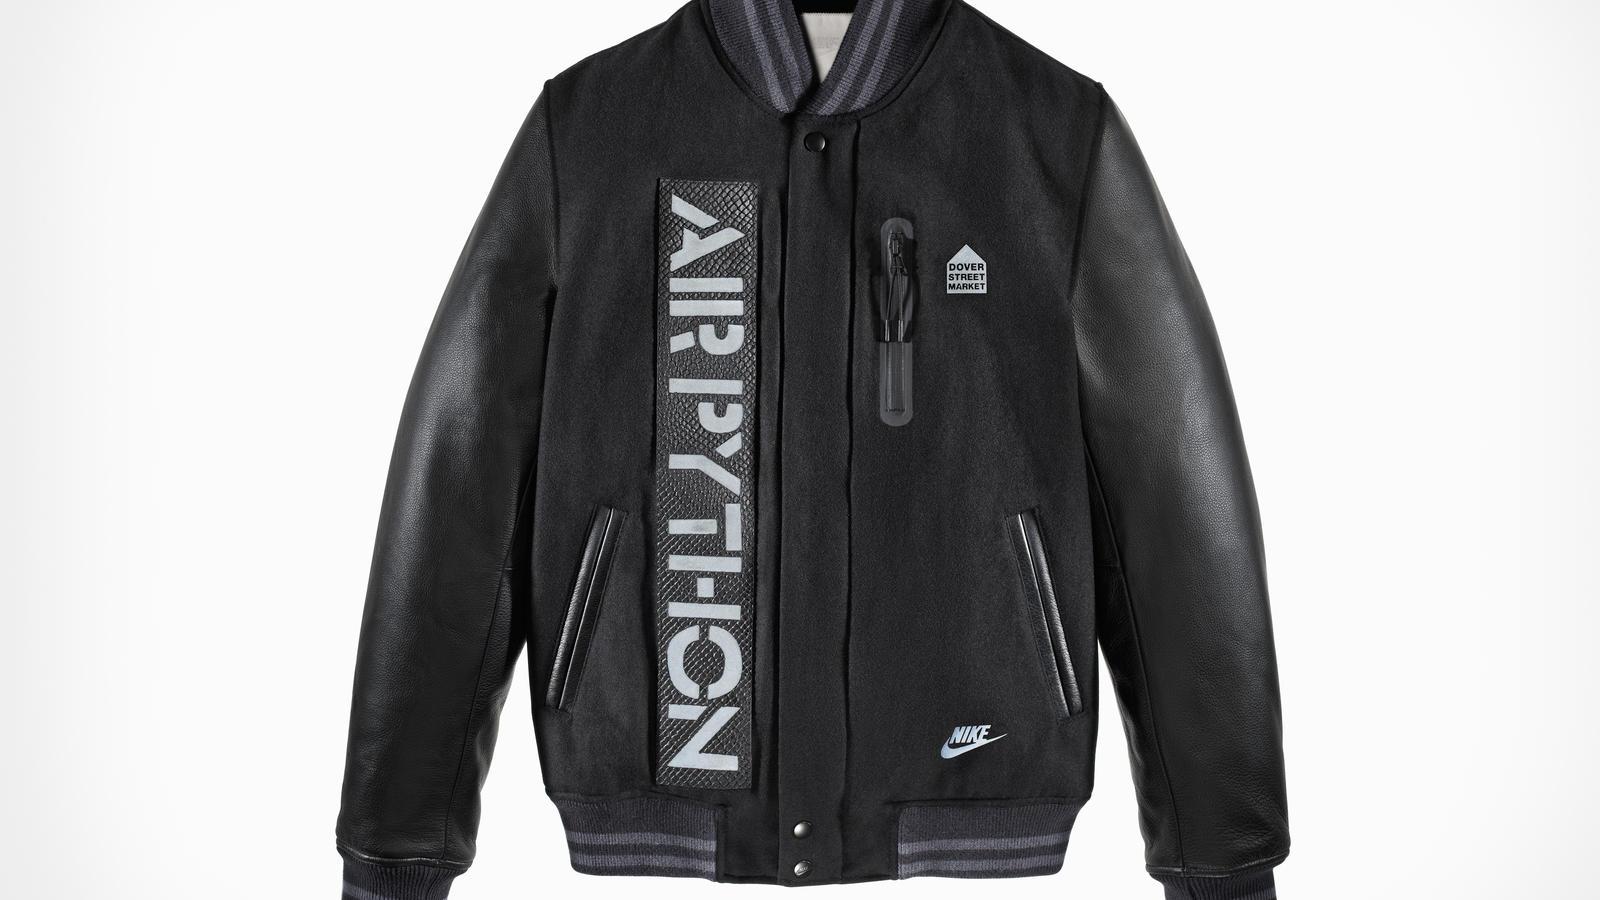 dsm_python_jacket_01a_hi